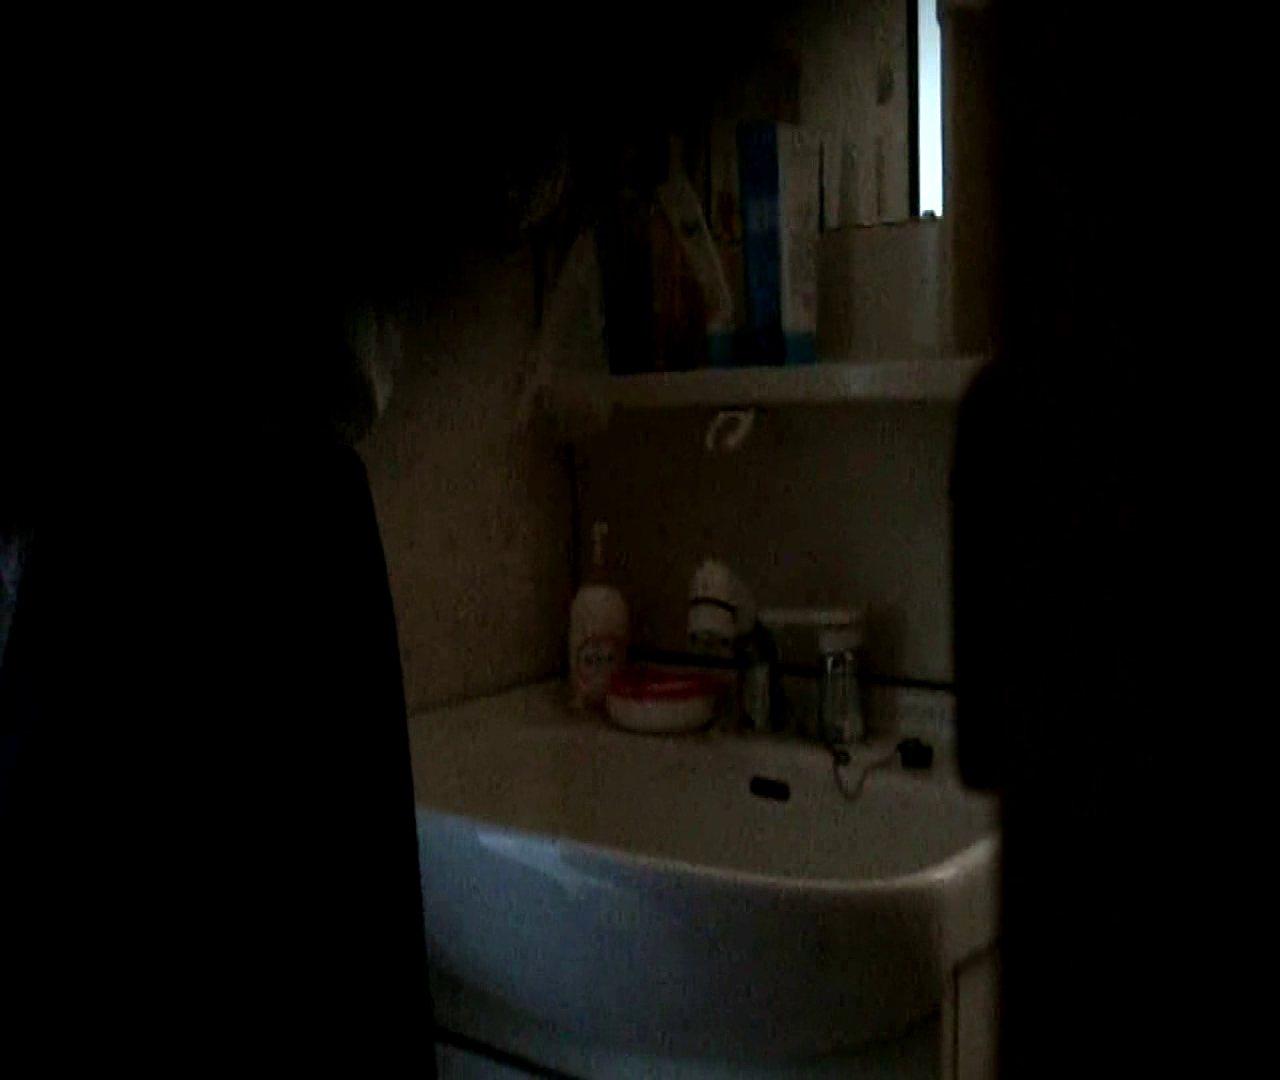 二人とも育てた甲斐がありました… vol.05 まどかが洗顔後にブラを洗濯 盗撮シリーズ  79PIX 2